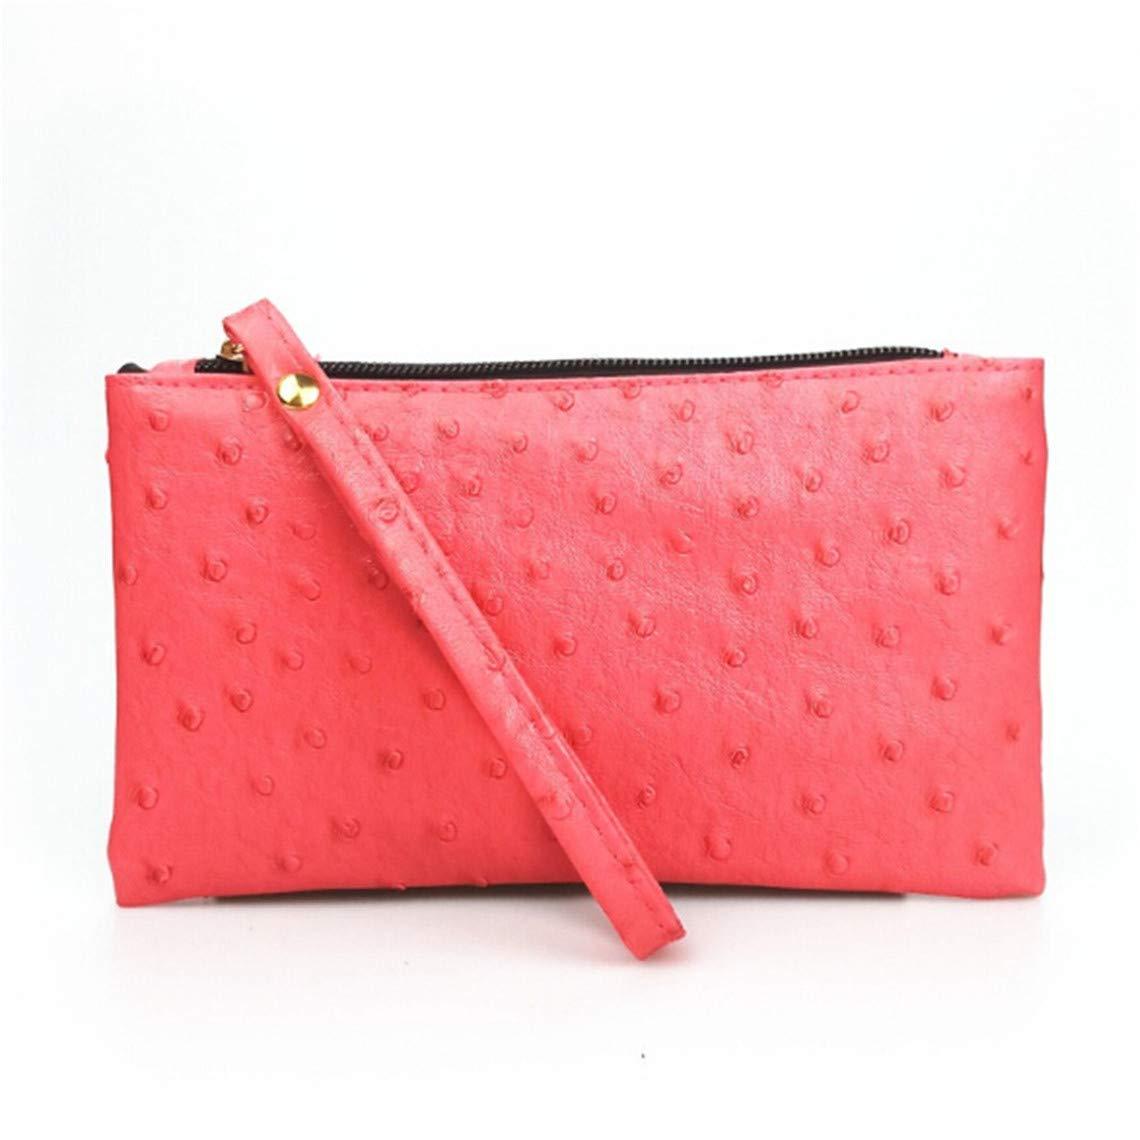 Rurah Ostrich Pattern Long Purse Key Coin Handbags Women Phone Bag Clutch Wristlet Zippers Organizer Wedding Party Evening Dress Bag,Red by Rurah (Image #1)